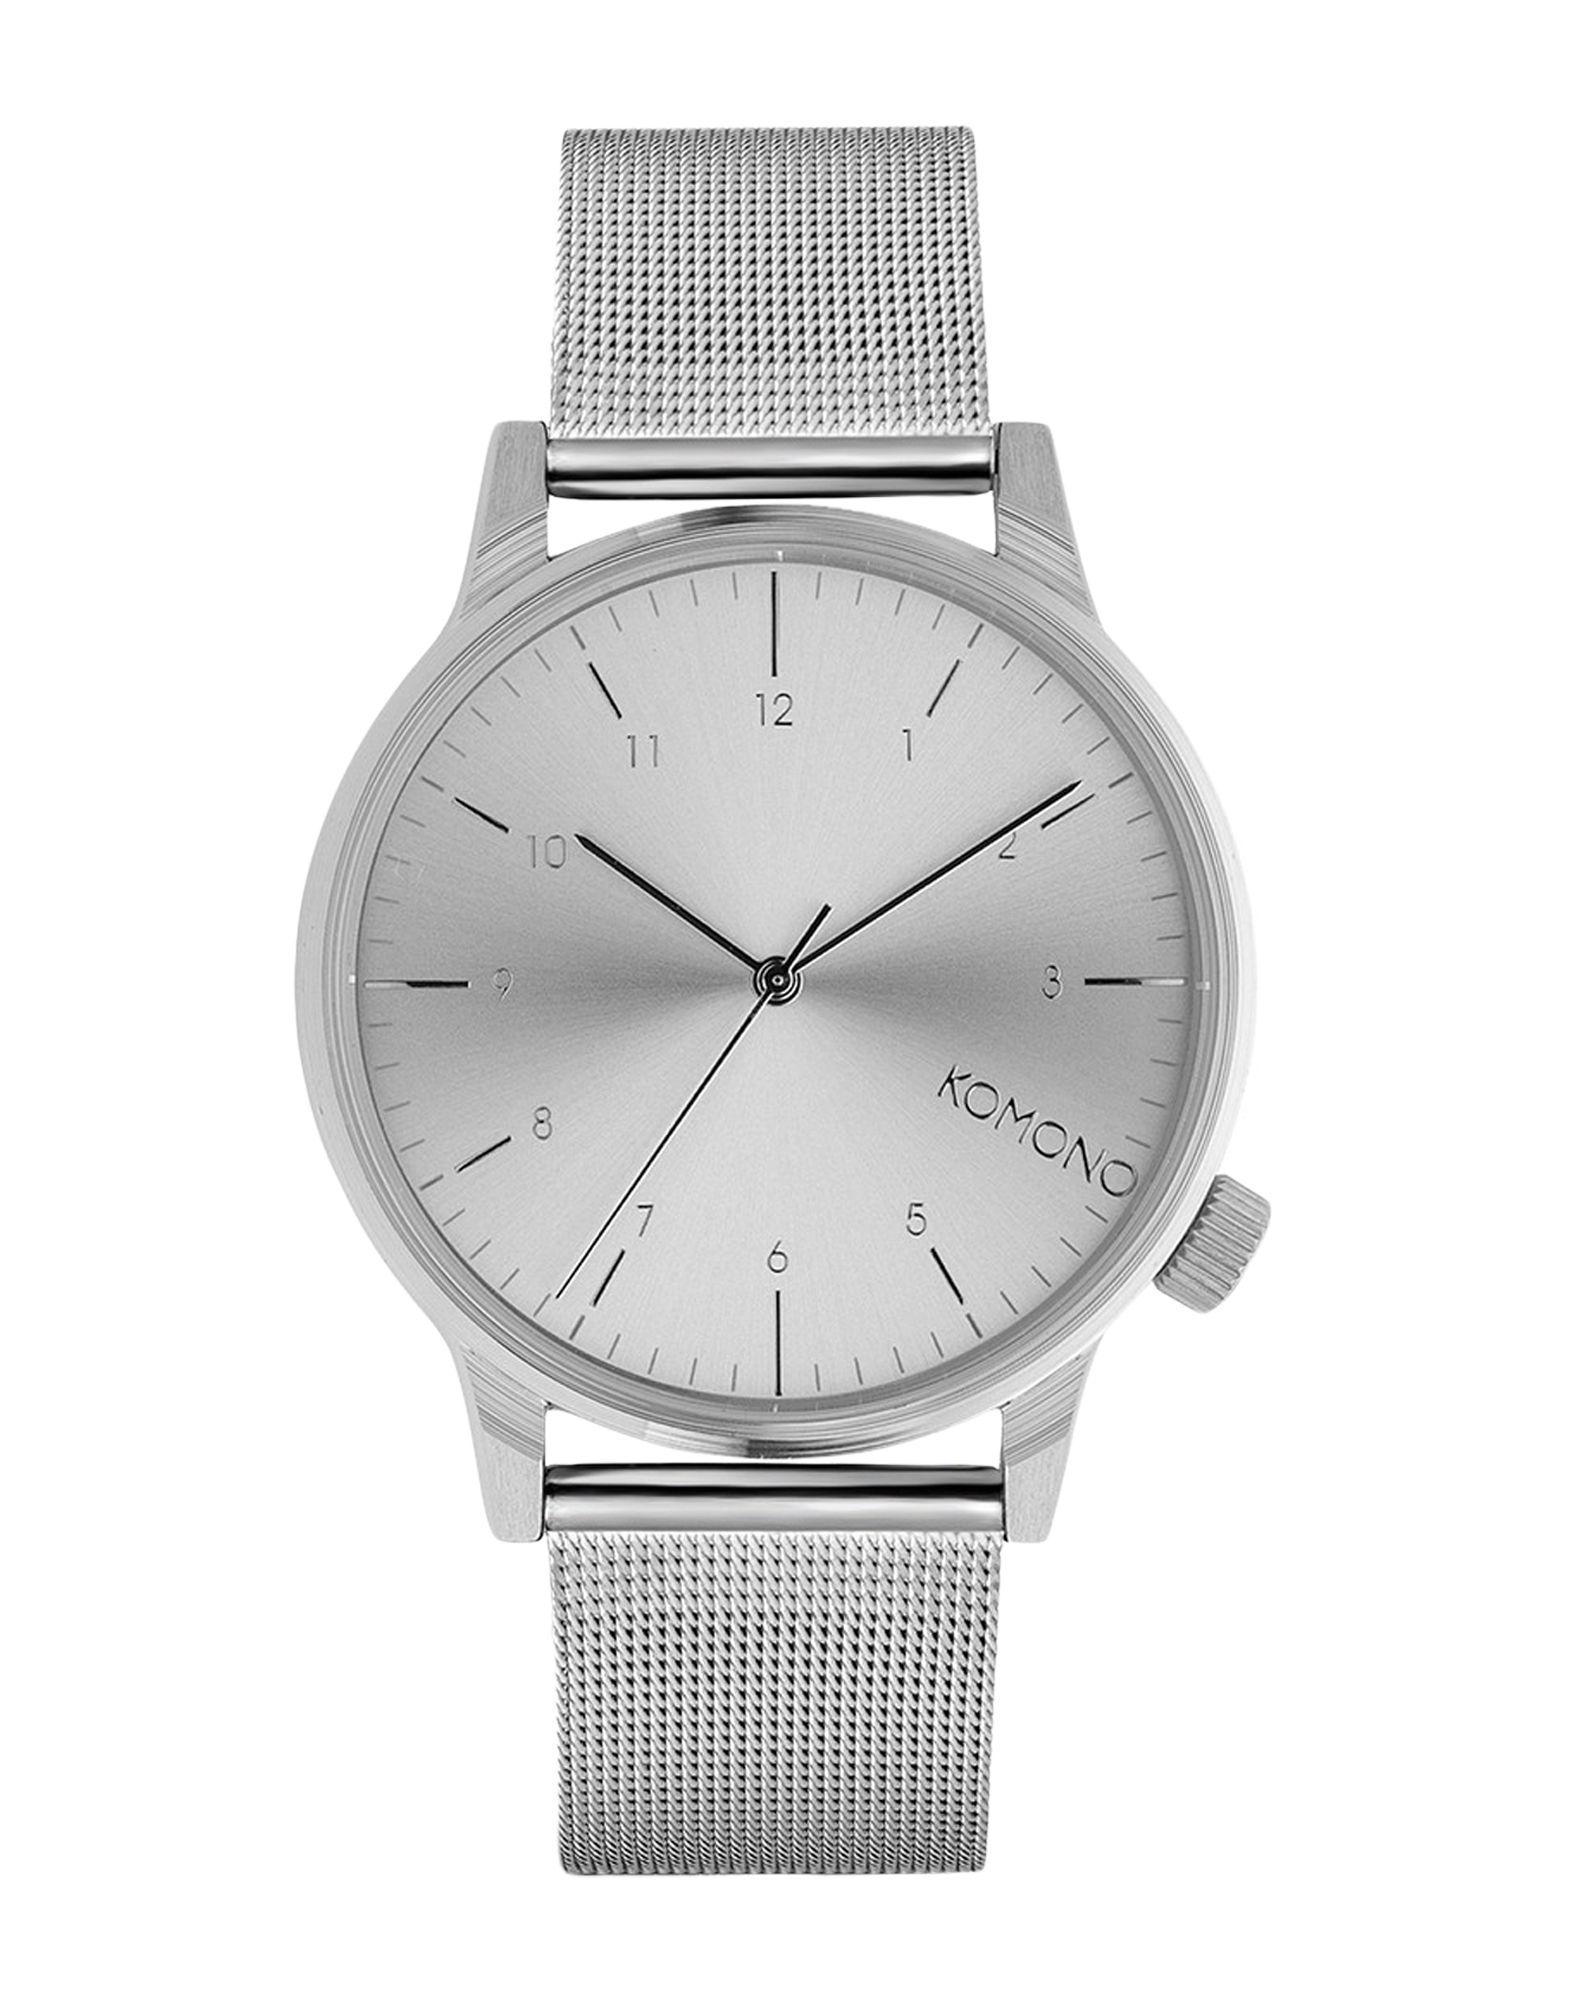 ユニセックス KOMONO 腕時計 シルバー